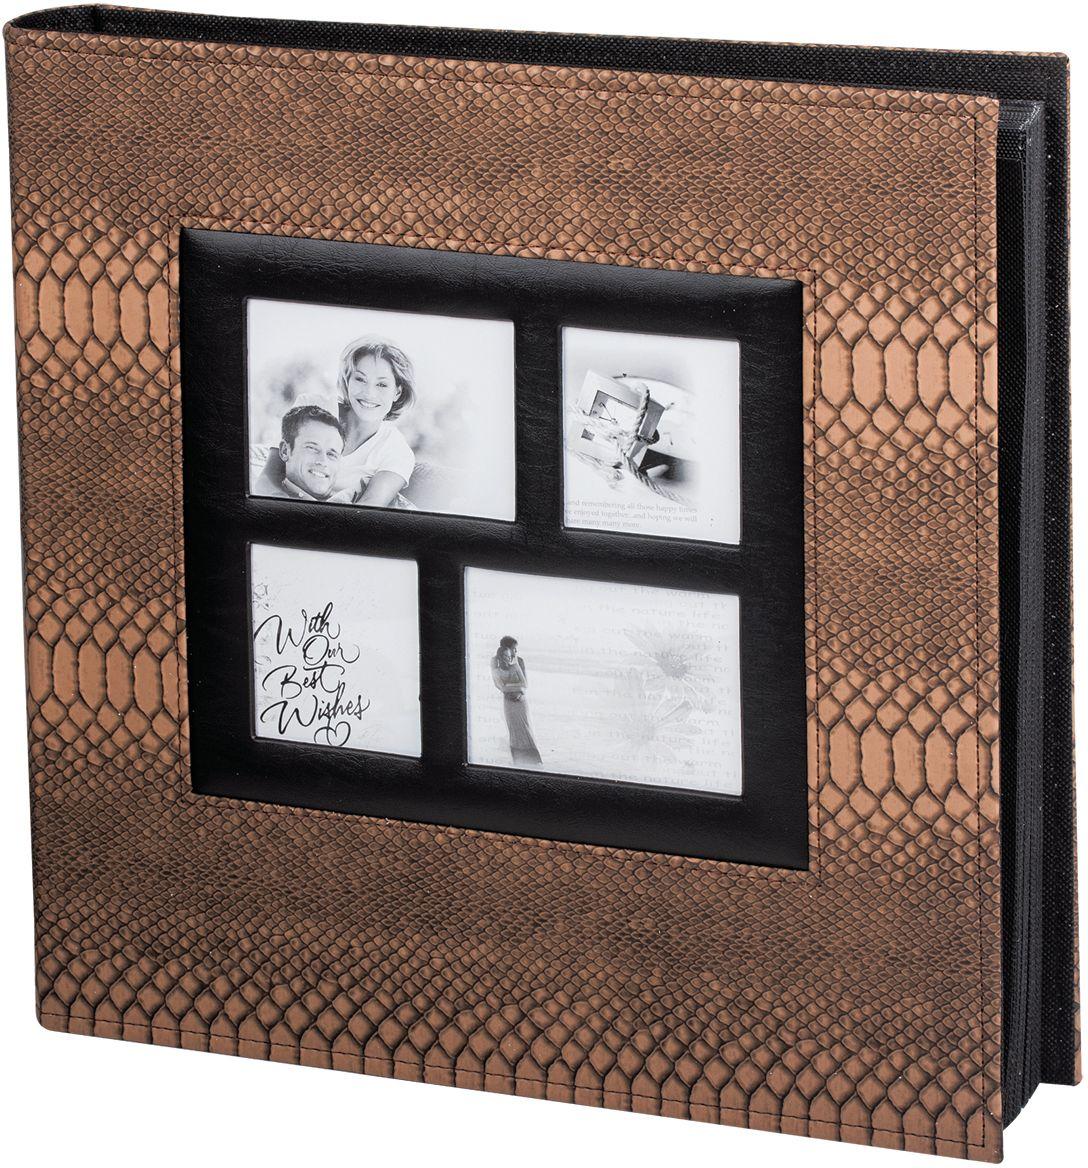 Фотоальбом Brauberg, 500 фотографий, 10 x 15 см390680Фотоальбом с обложкой под кожу рептилии вмещает в себя 500 фото и может стать настоящим семейным архивом. Обложка декорирована 4-мя рамками, фотографии в которых могут быть заменены по желанию владельца.